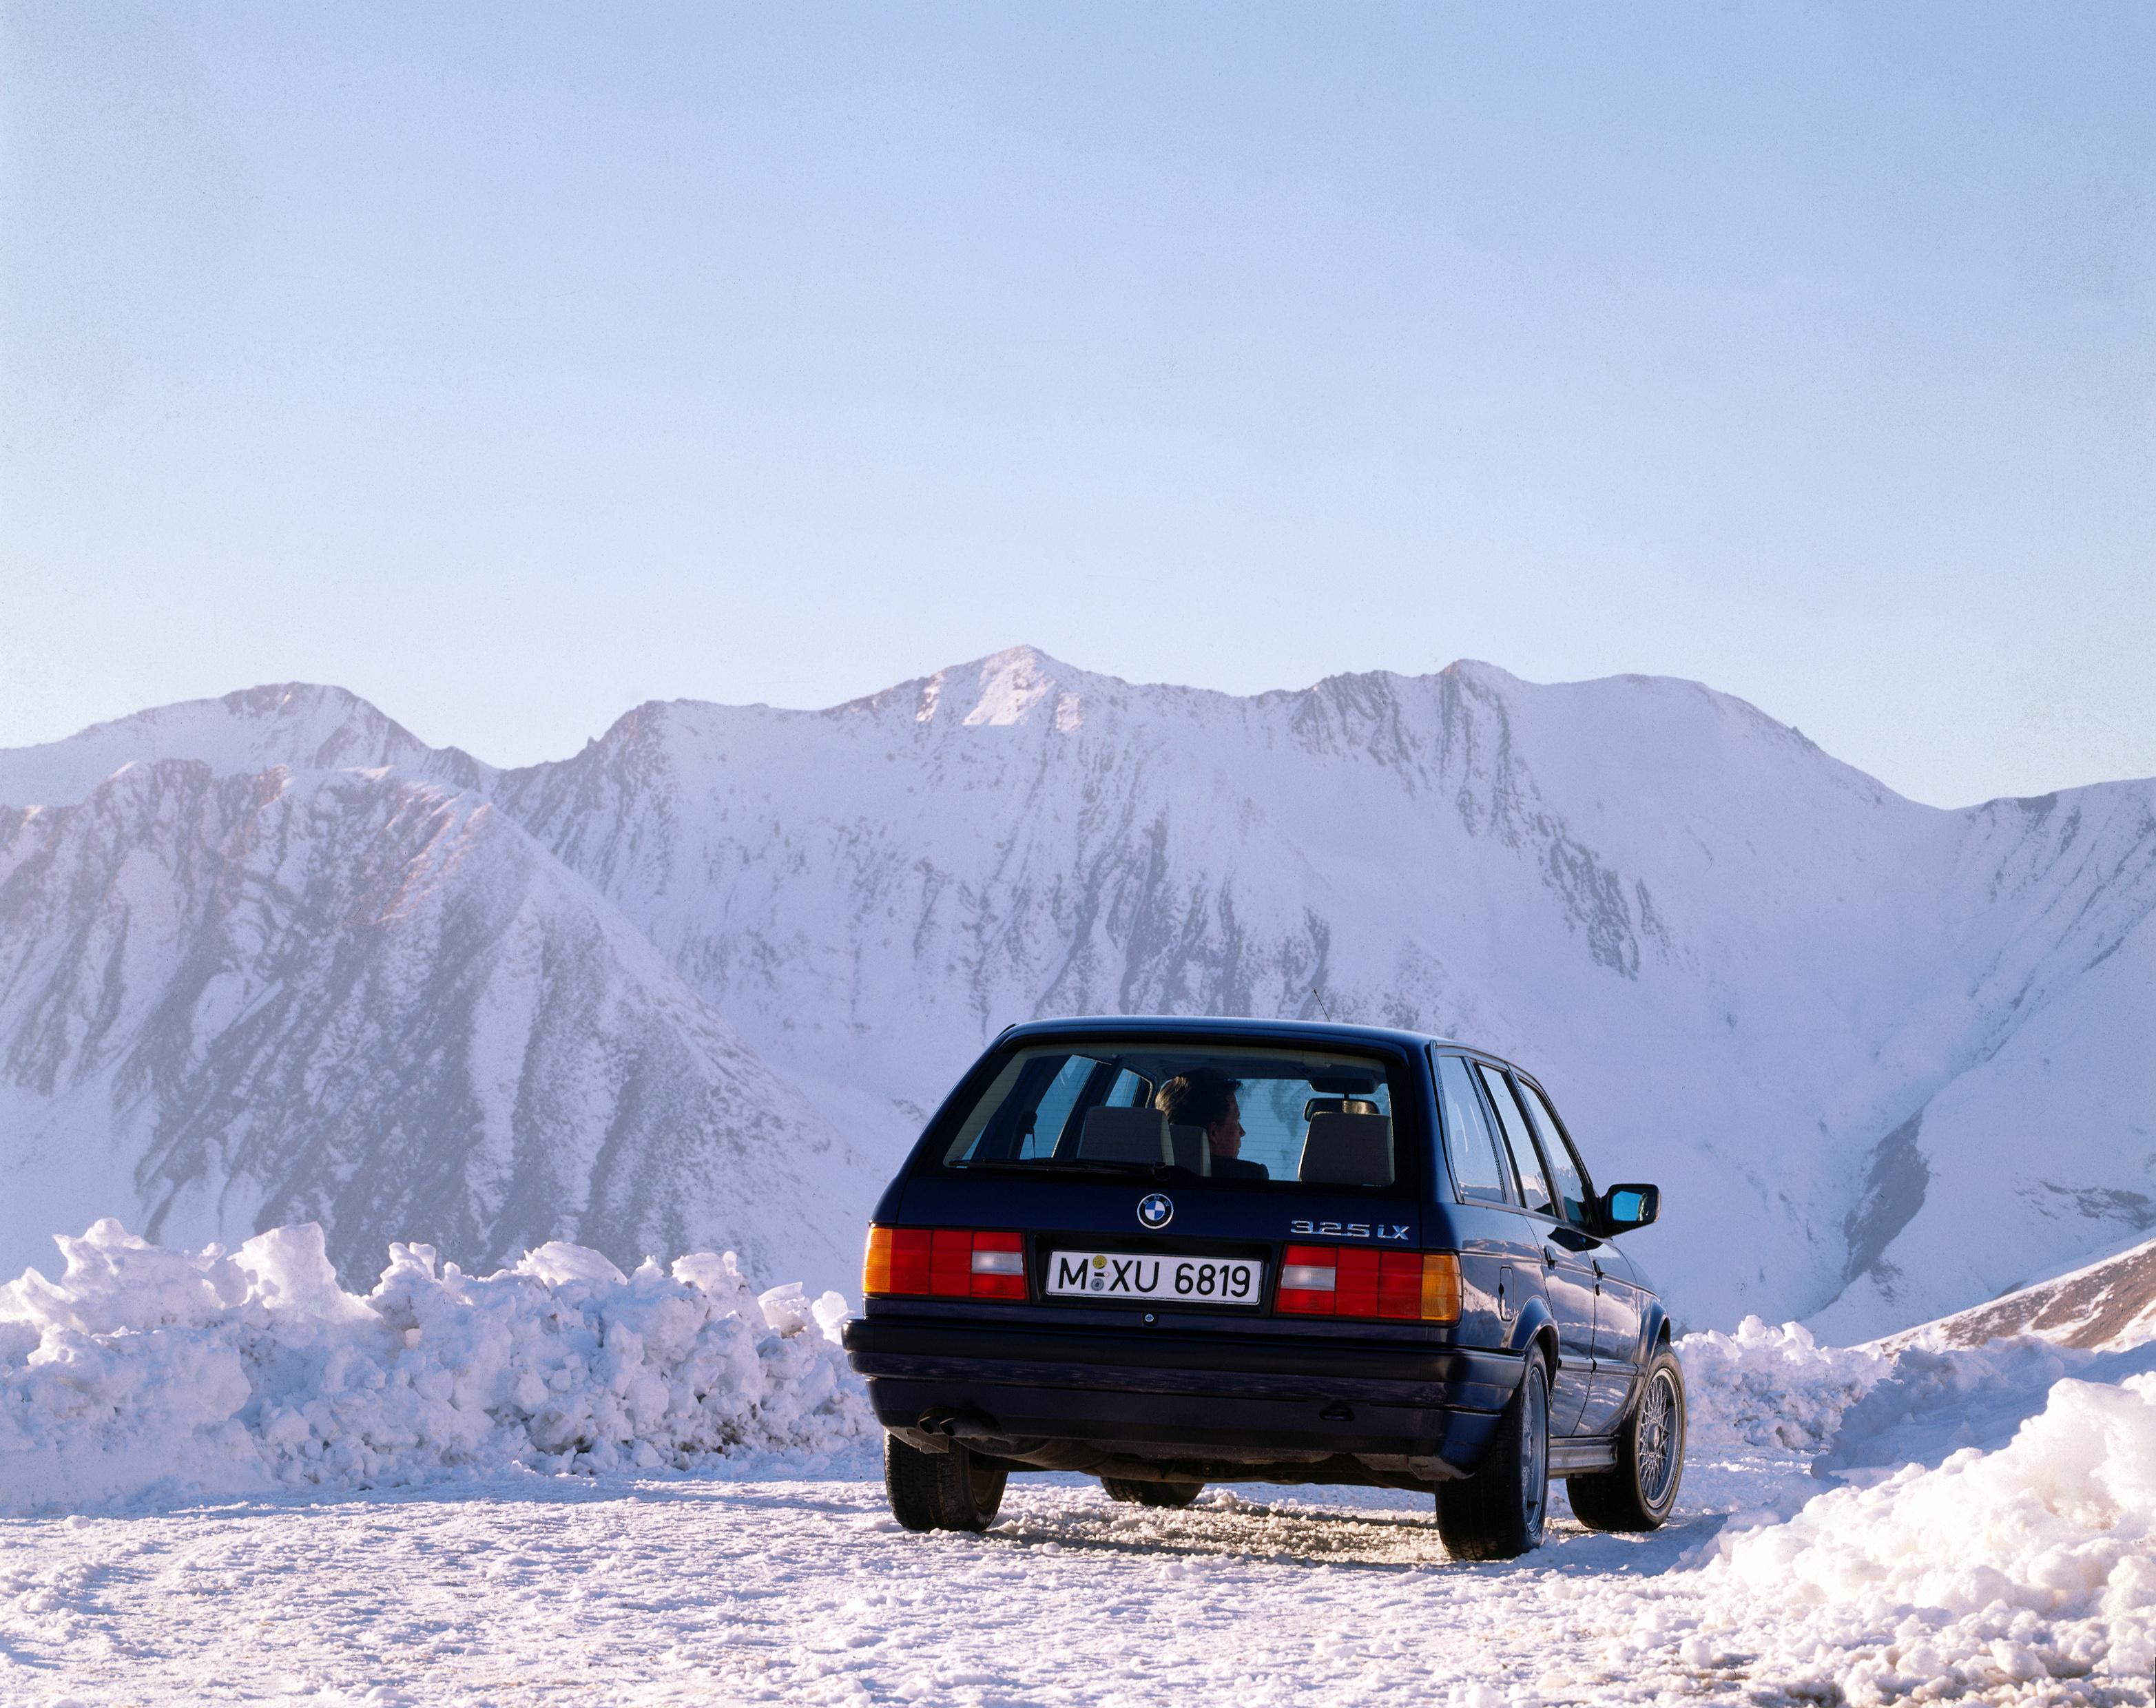 BMW Série 3 station wagon